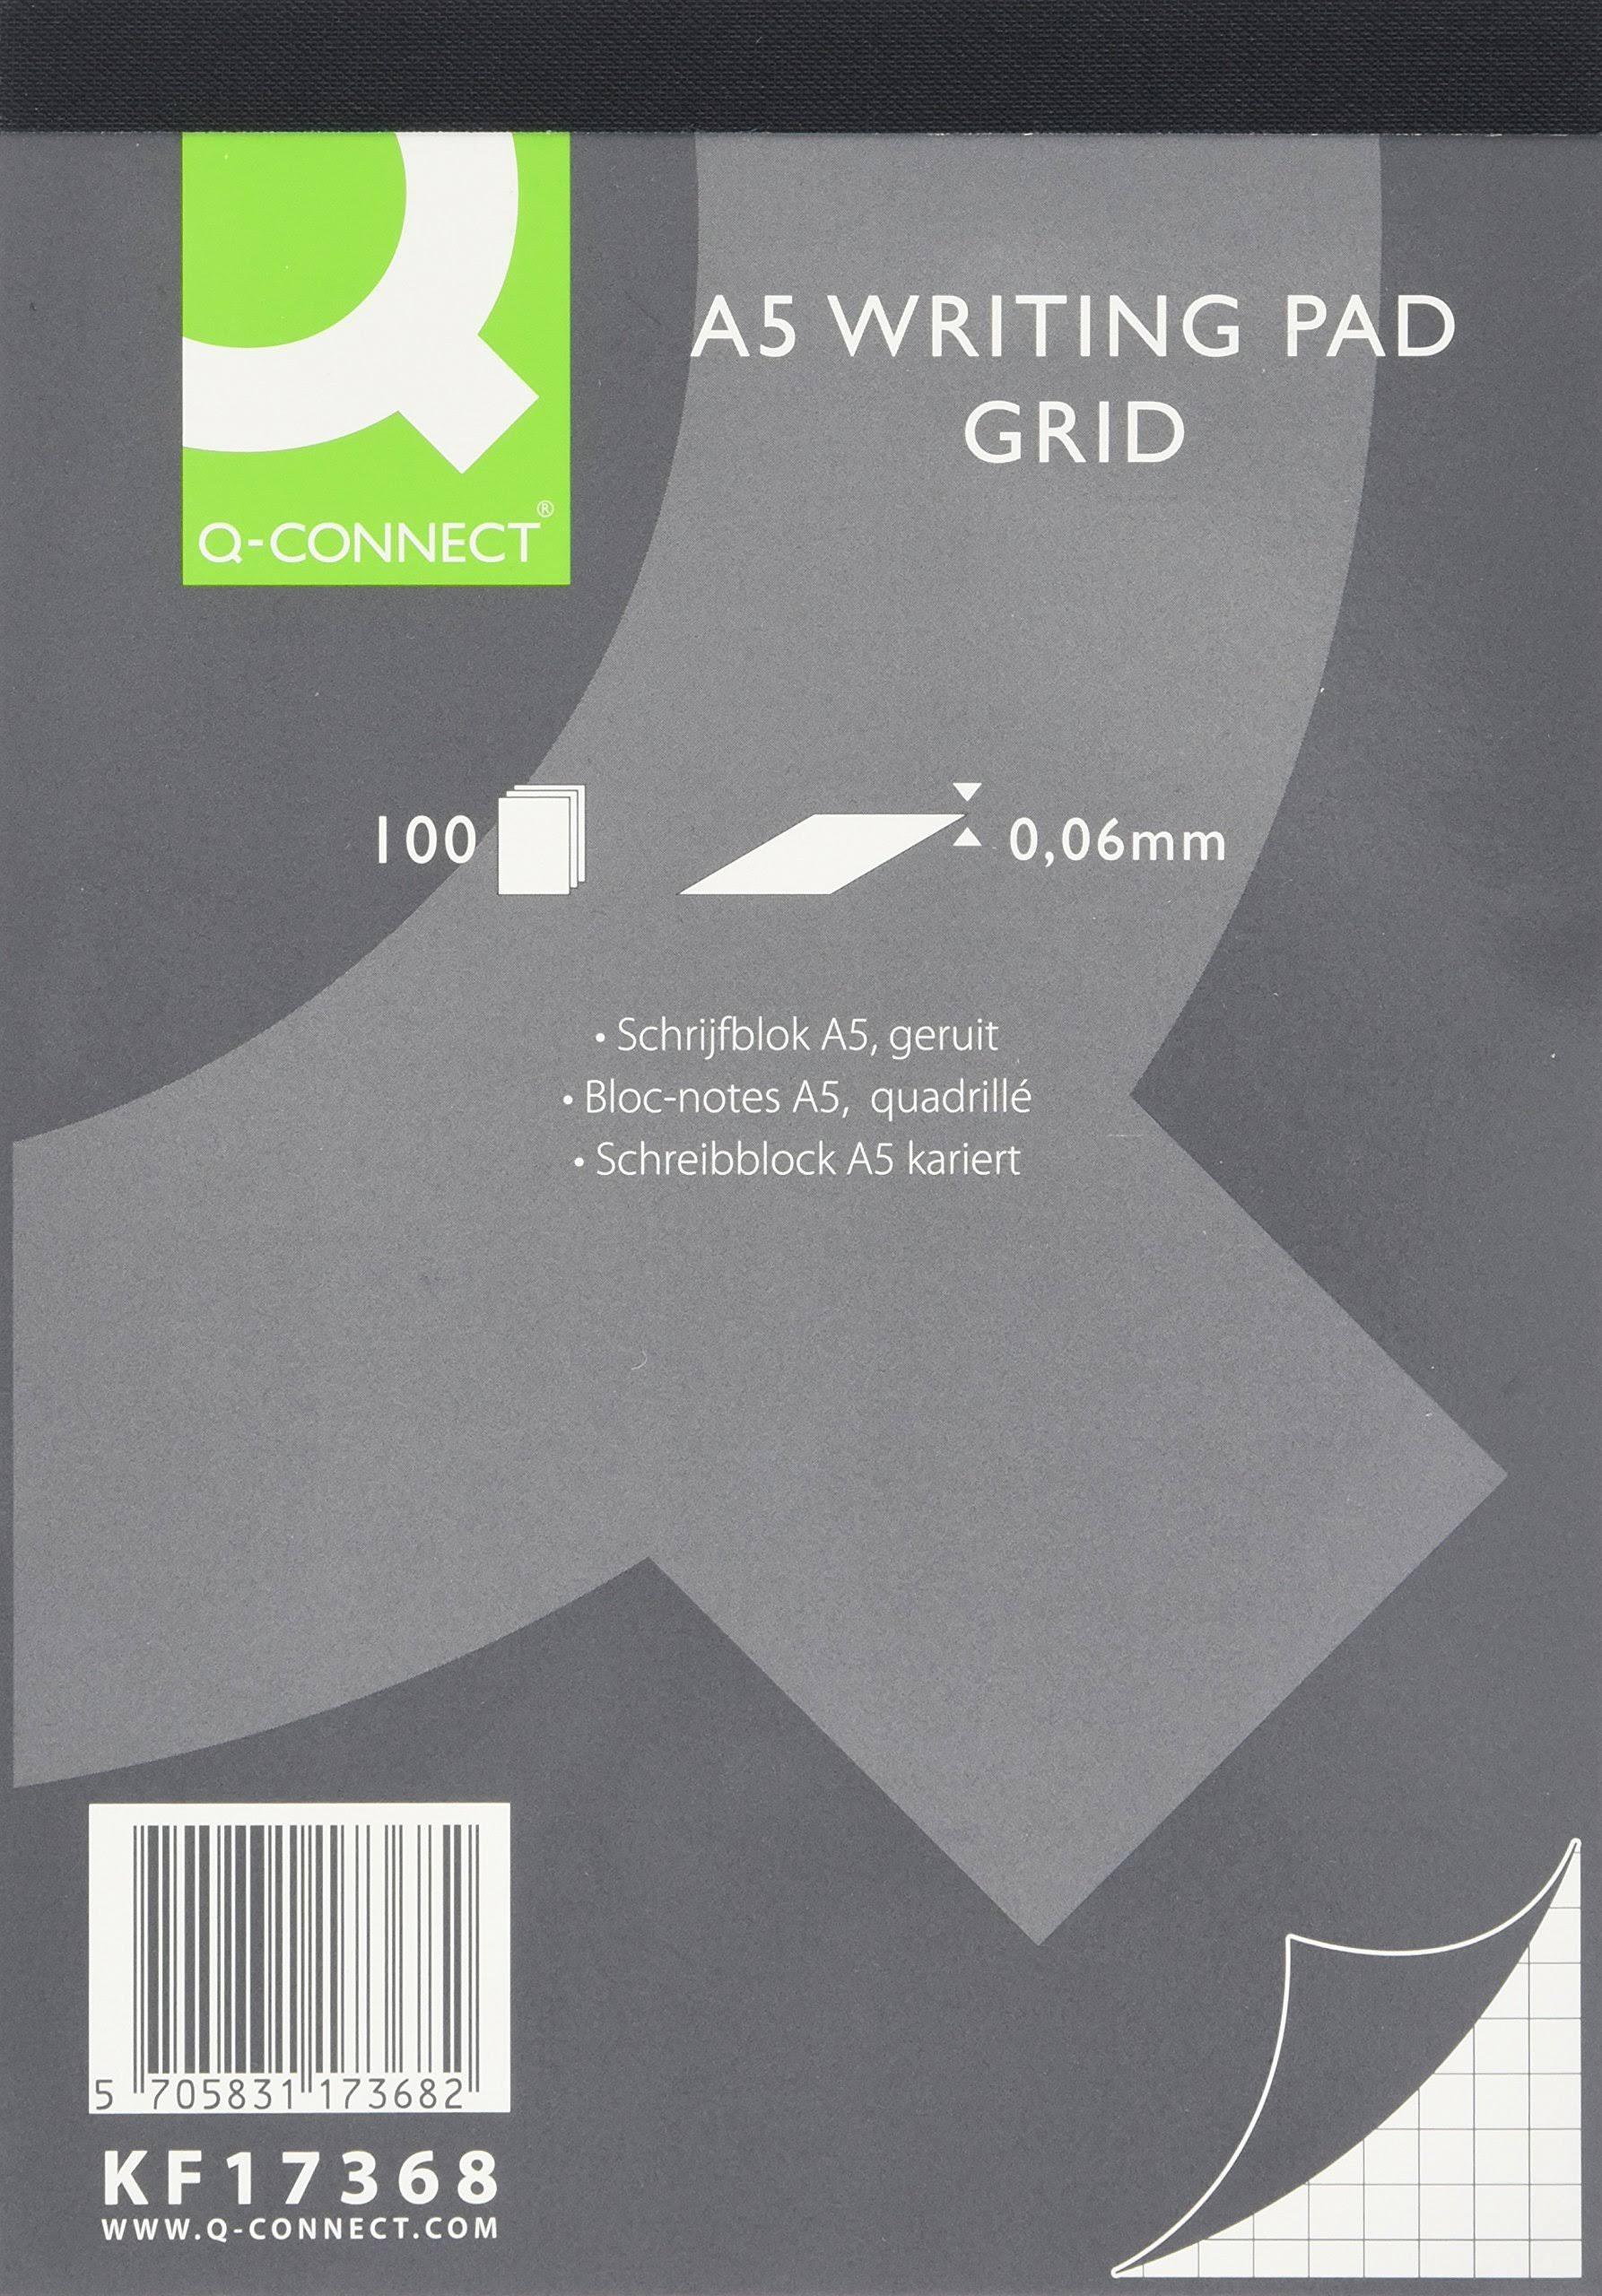 Q-Connect A5 Refill Pad Quad 100 Sheets PK5